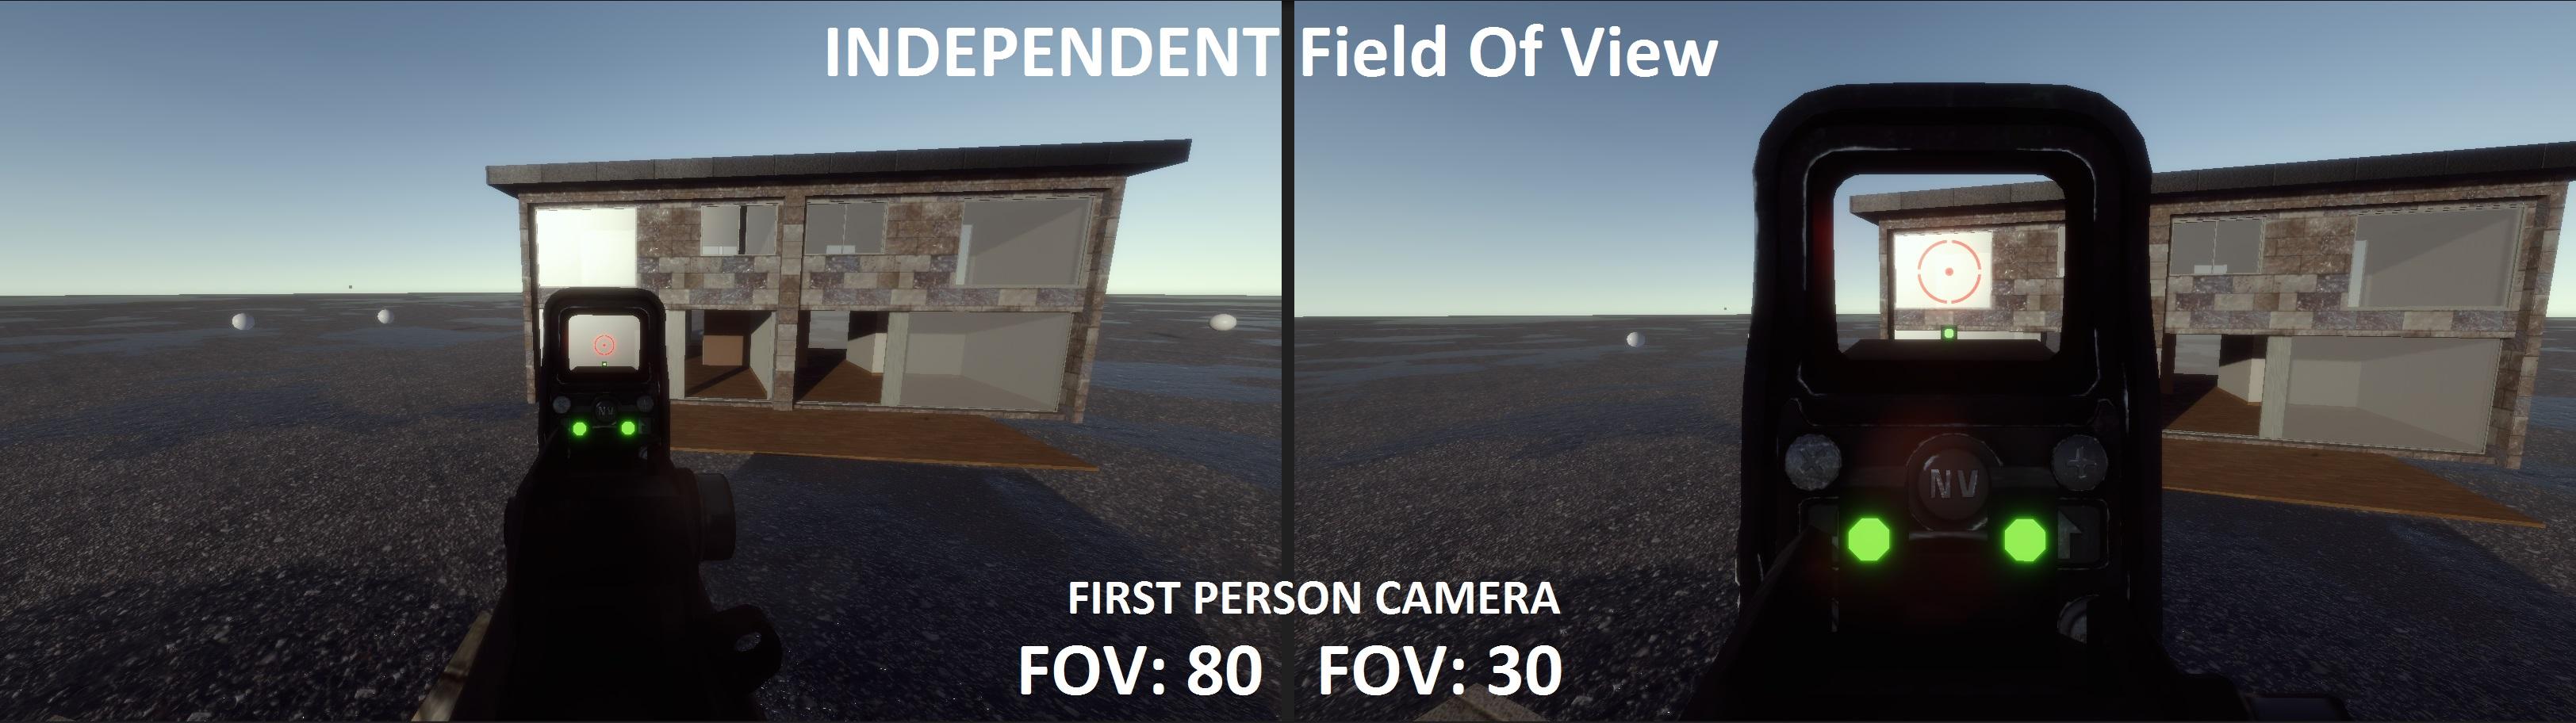 FirstPersonView_environmentFOVFPV.jpg